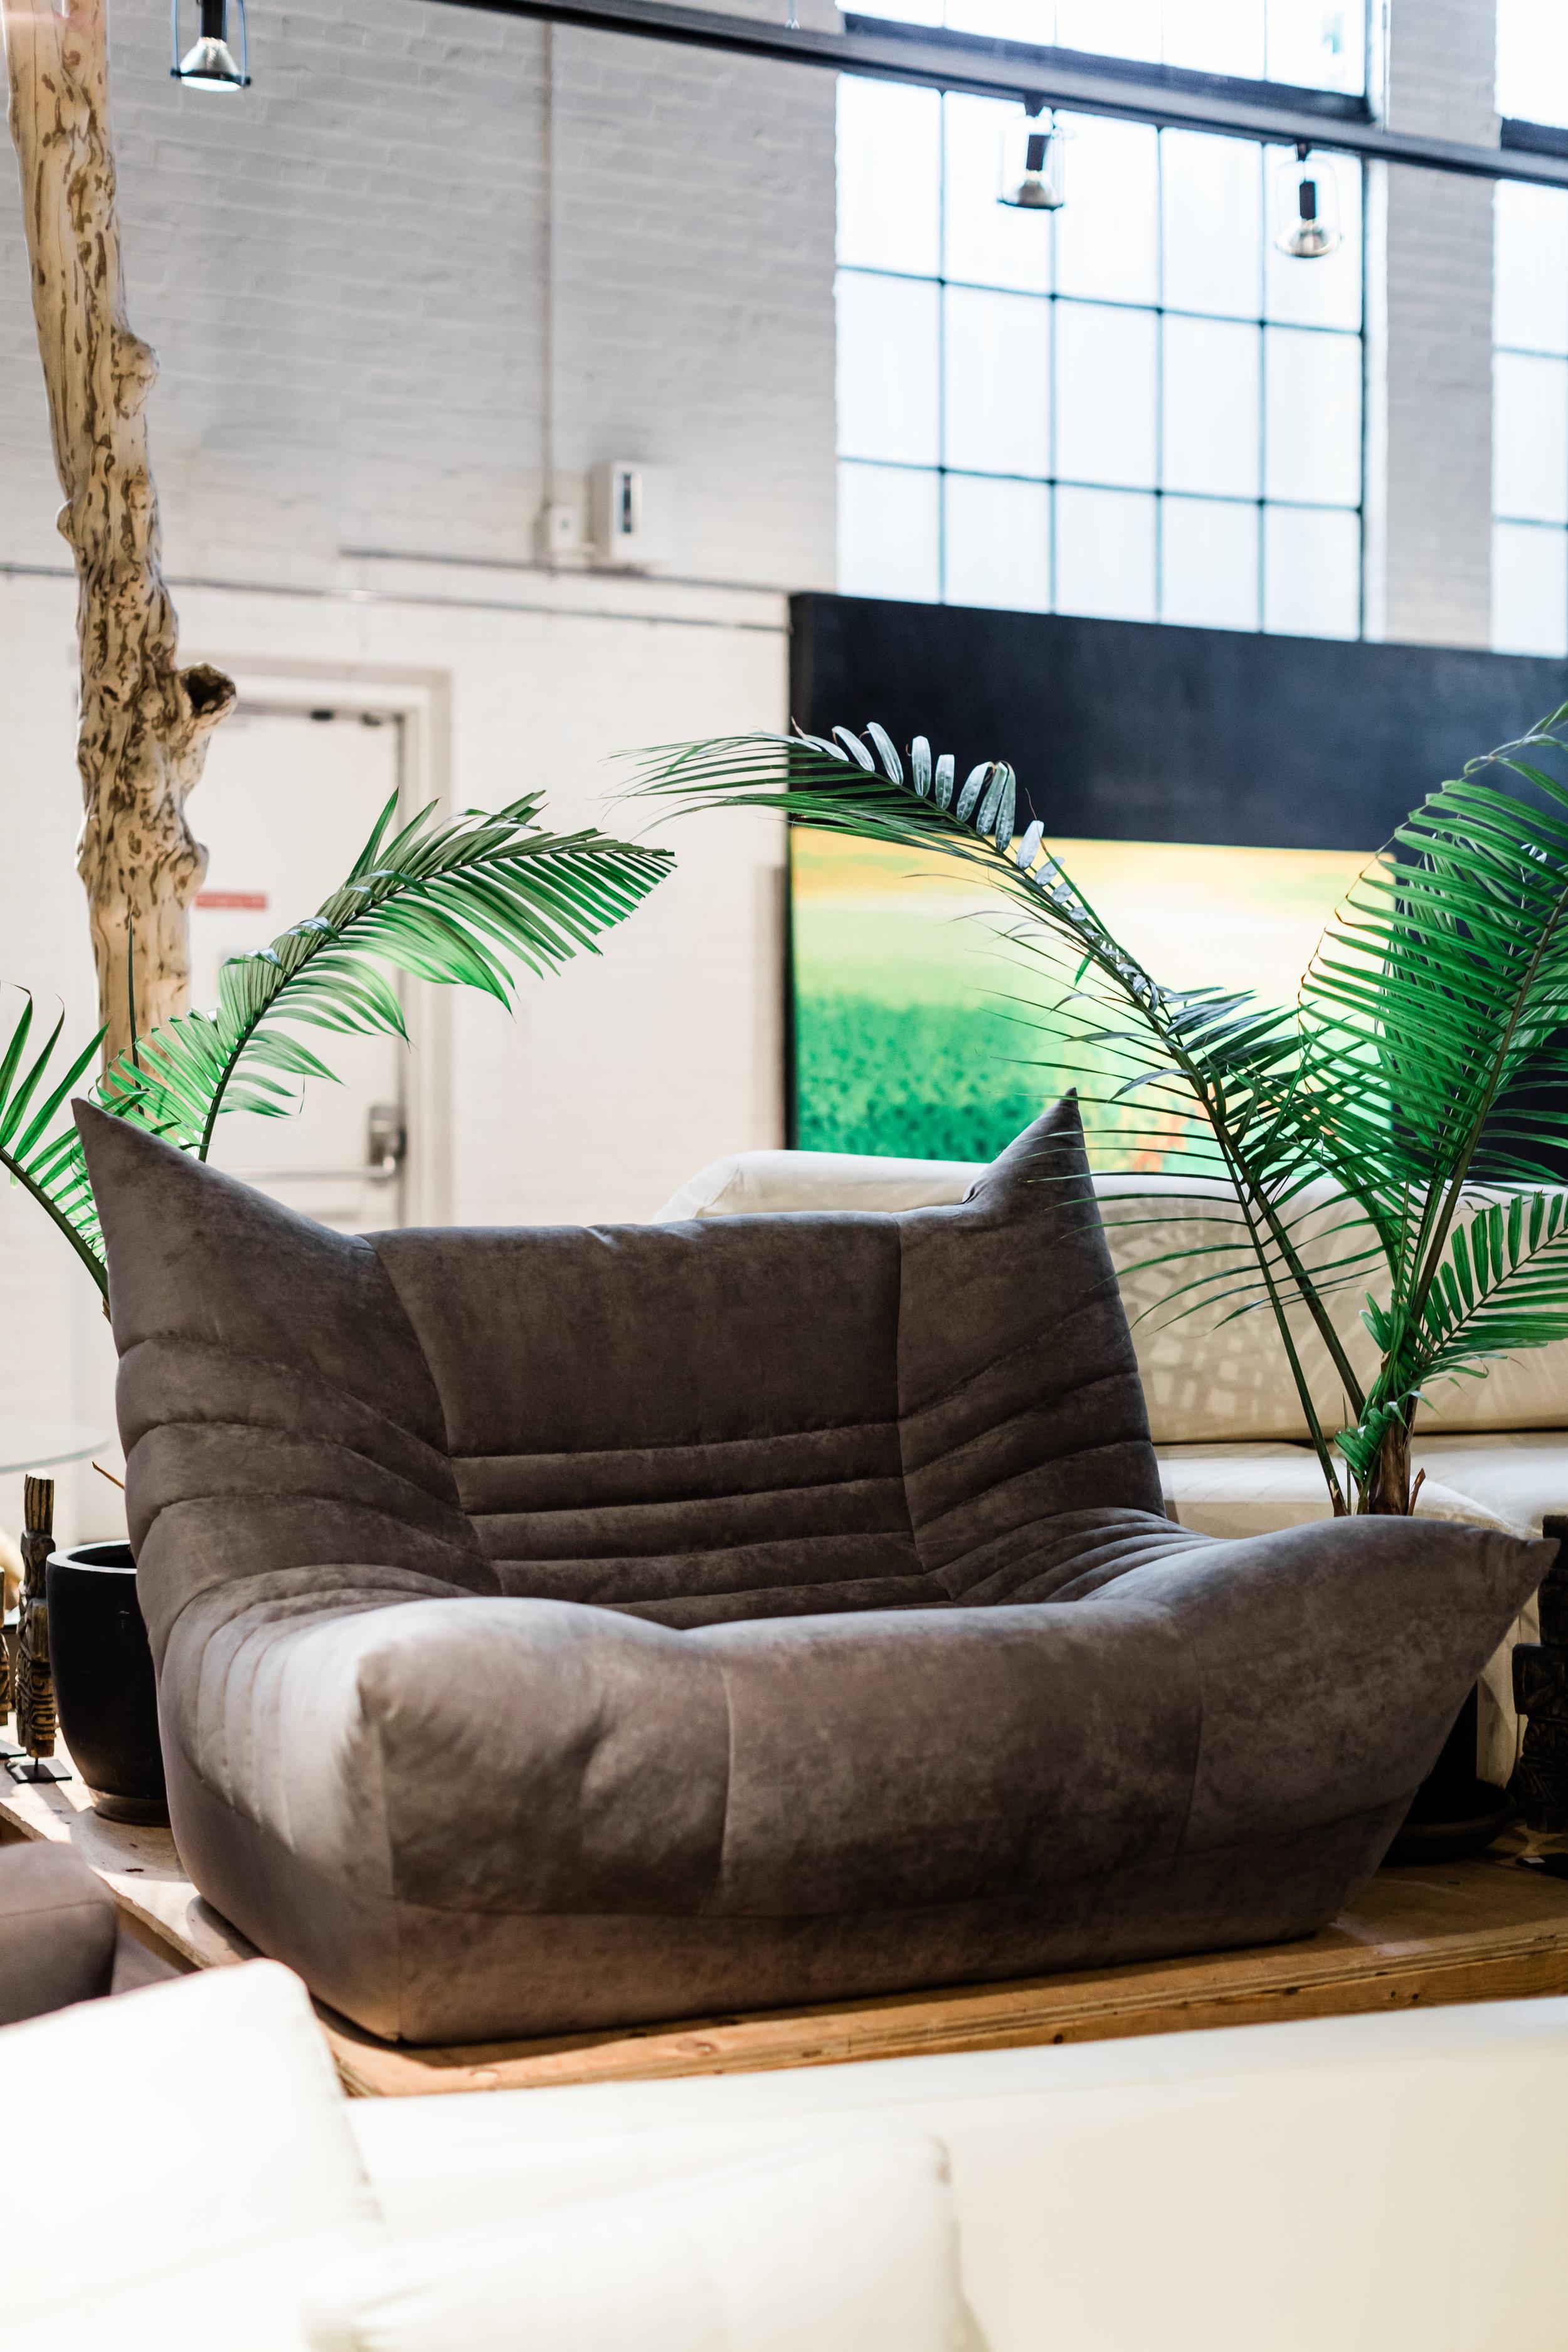 Copy of Wolseley Chair. Blue Moon Furniture store in Winnipeg